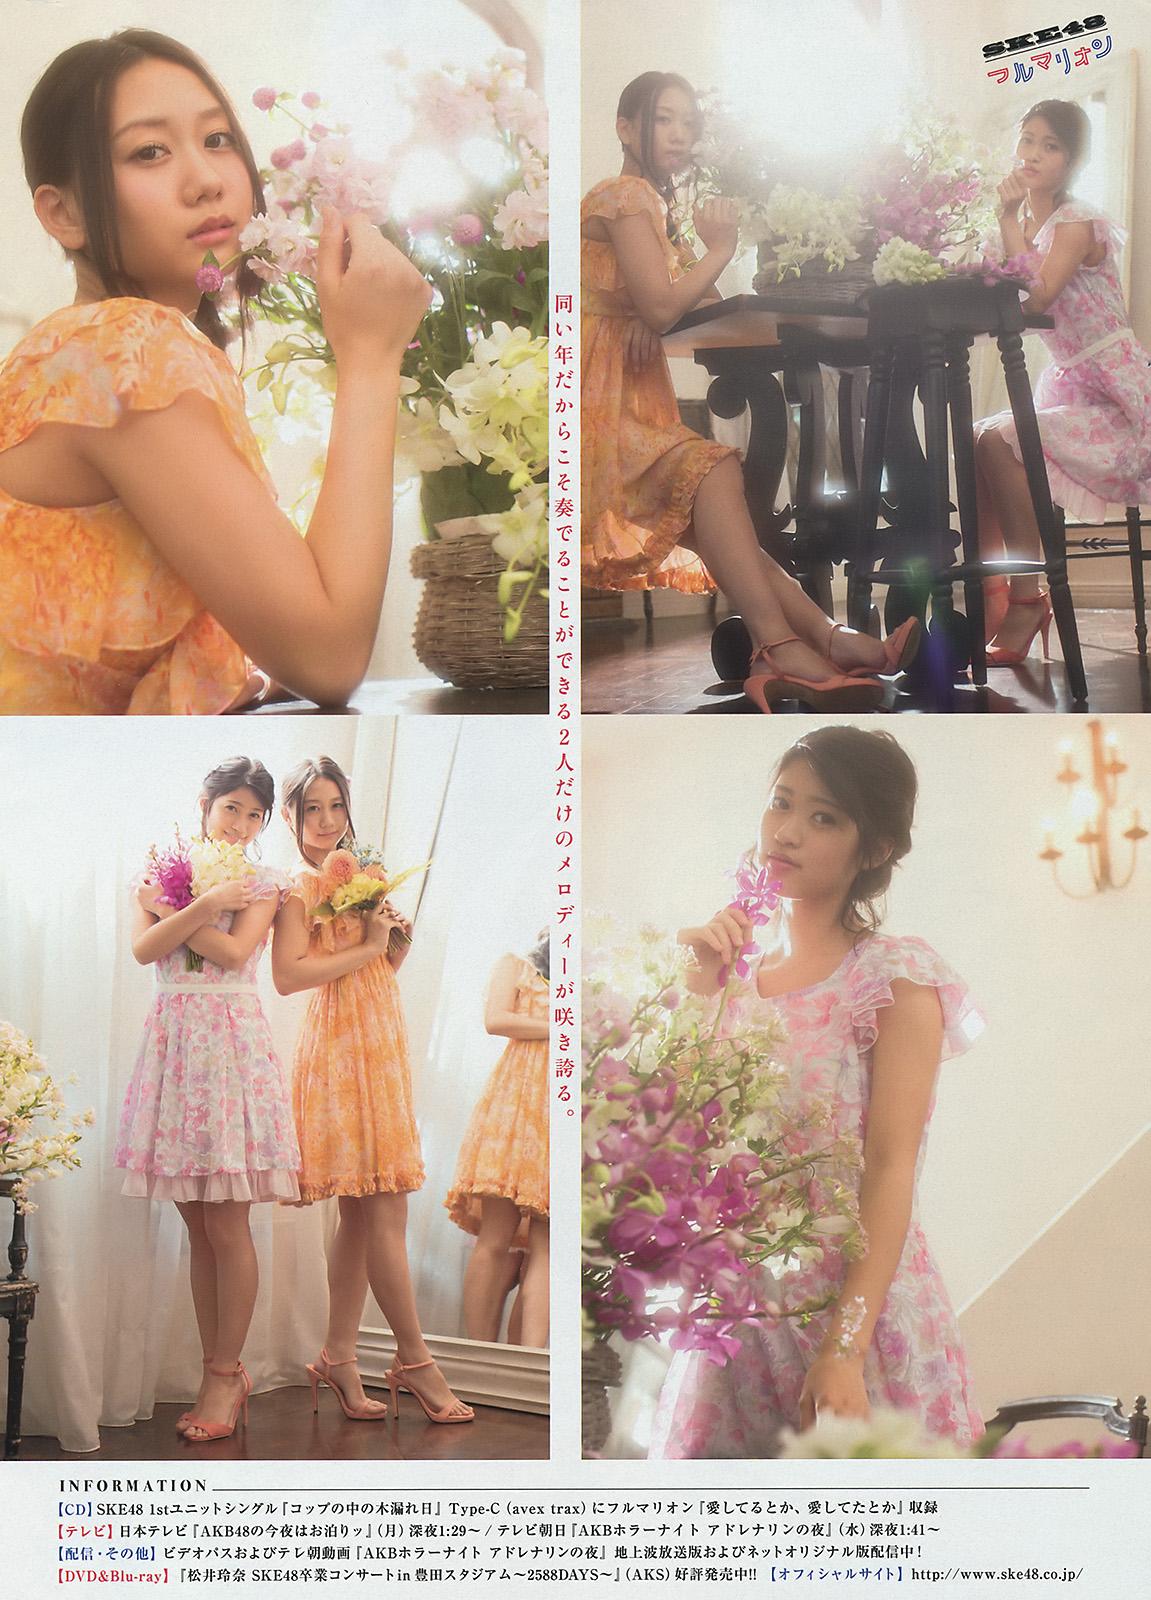 SKE48 Azuma Rion 東李苑 x Furuhata Nao 古畑奈和 Young Magazine No 53 2015 02